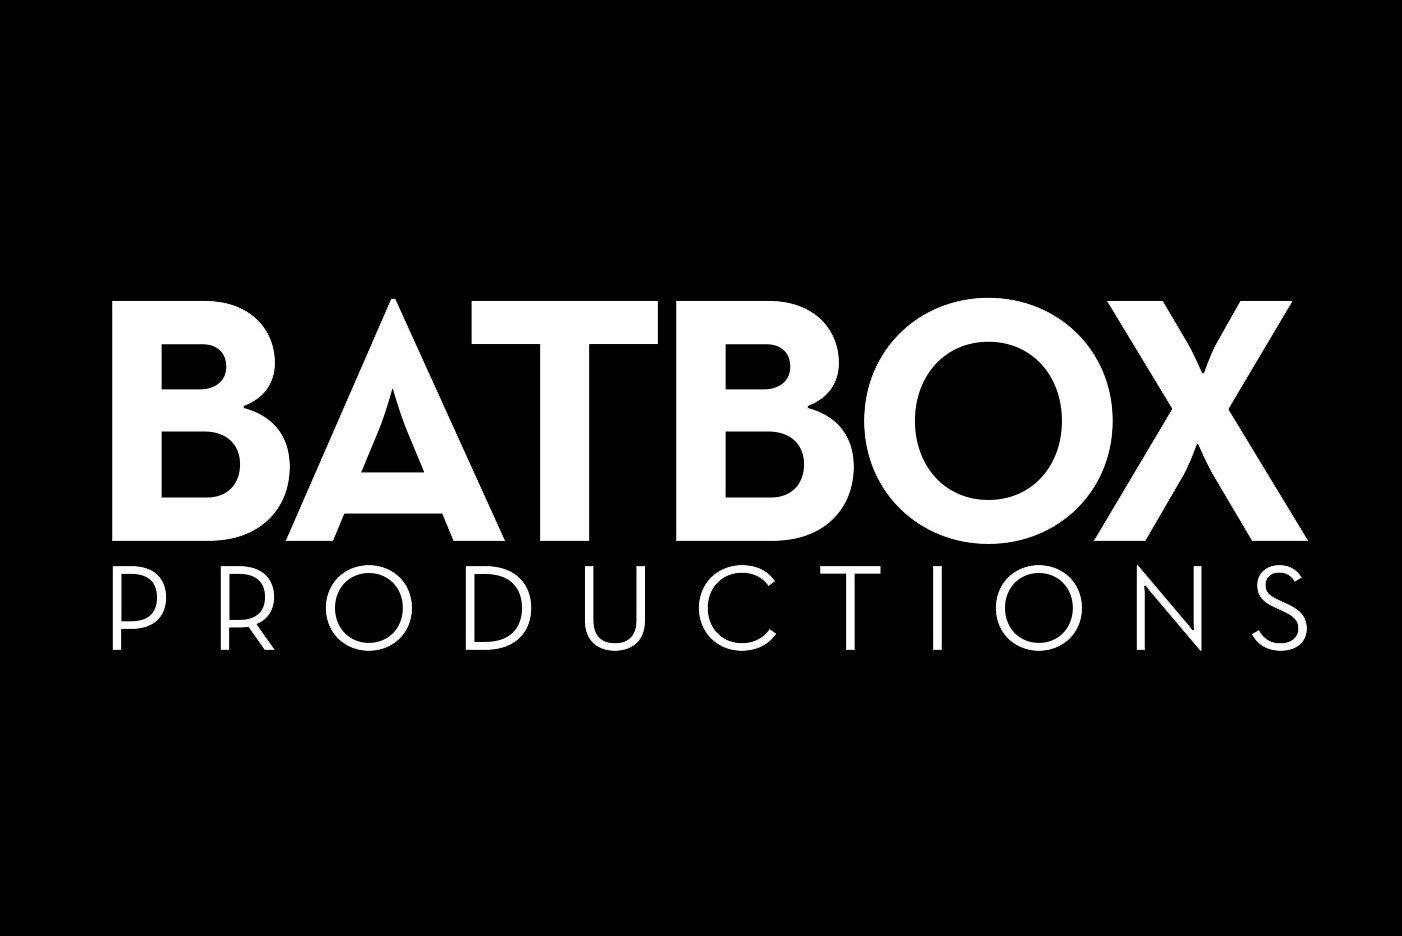 BATBOX-ISOLOGO